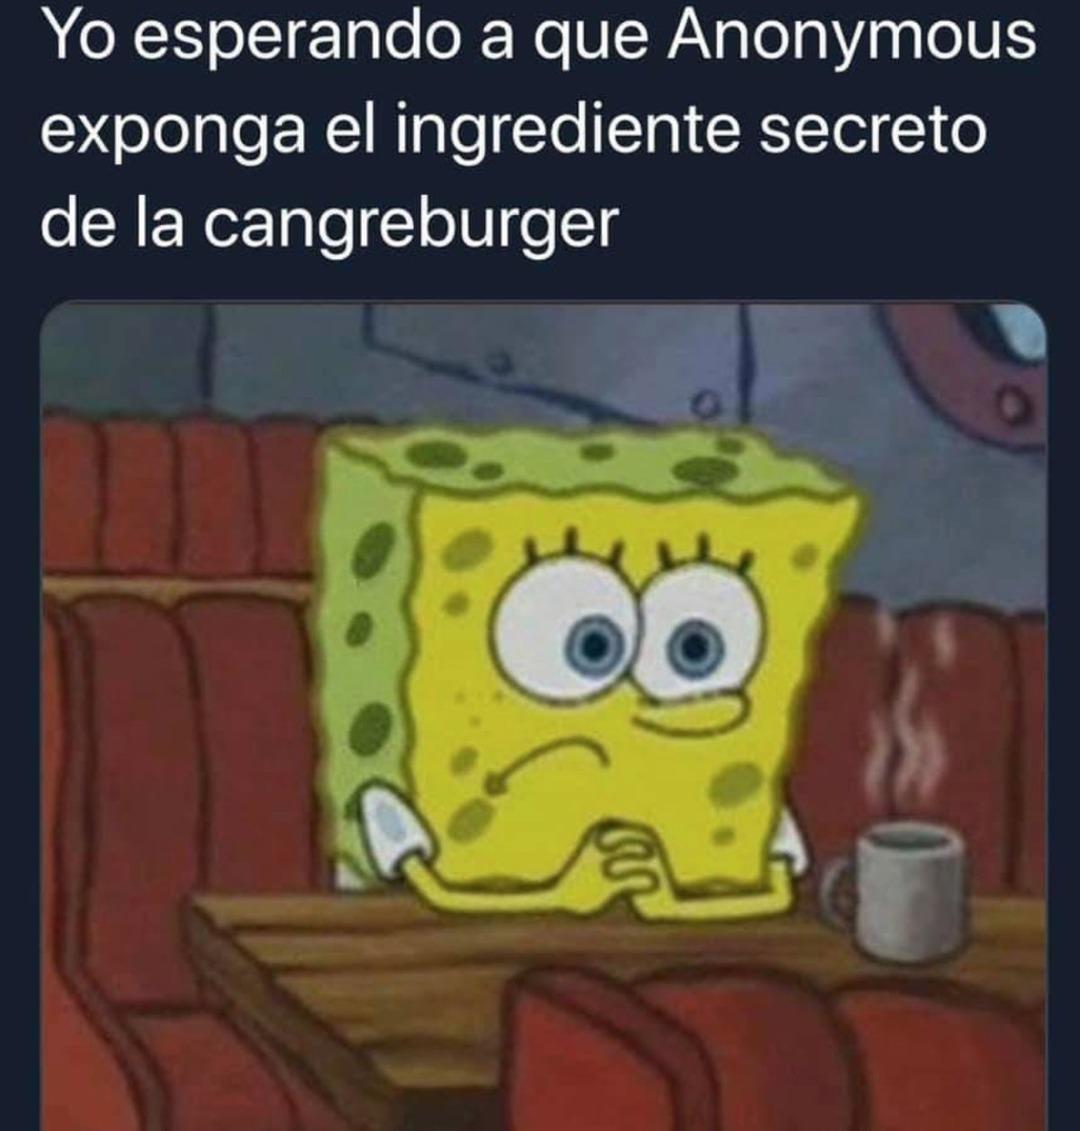 Hasta cuándo podremos saber la receta secreta de las cangreburger - meme